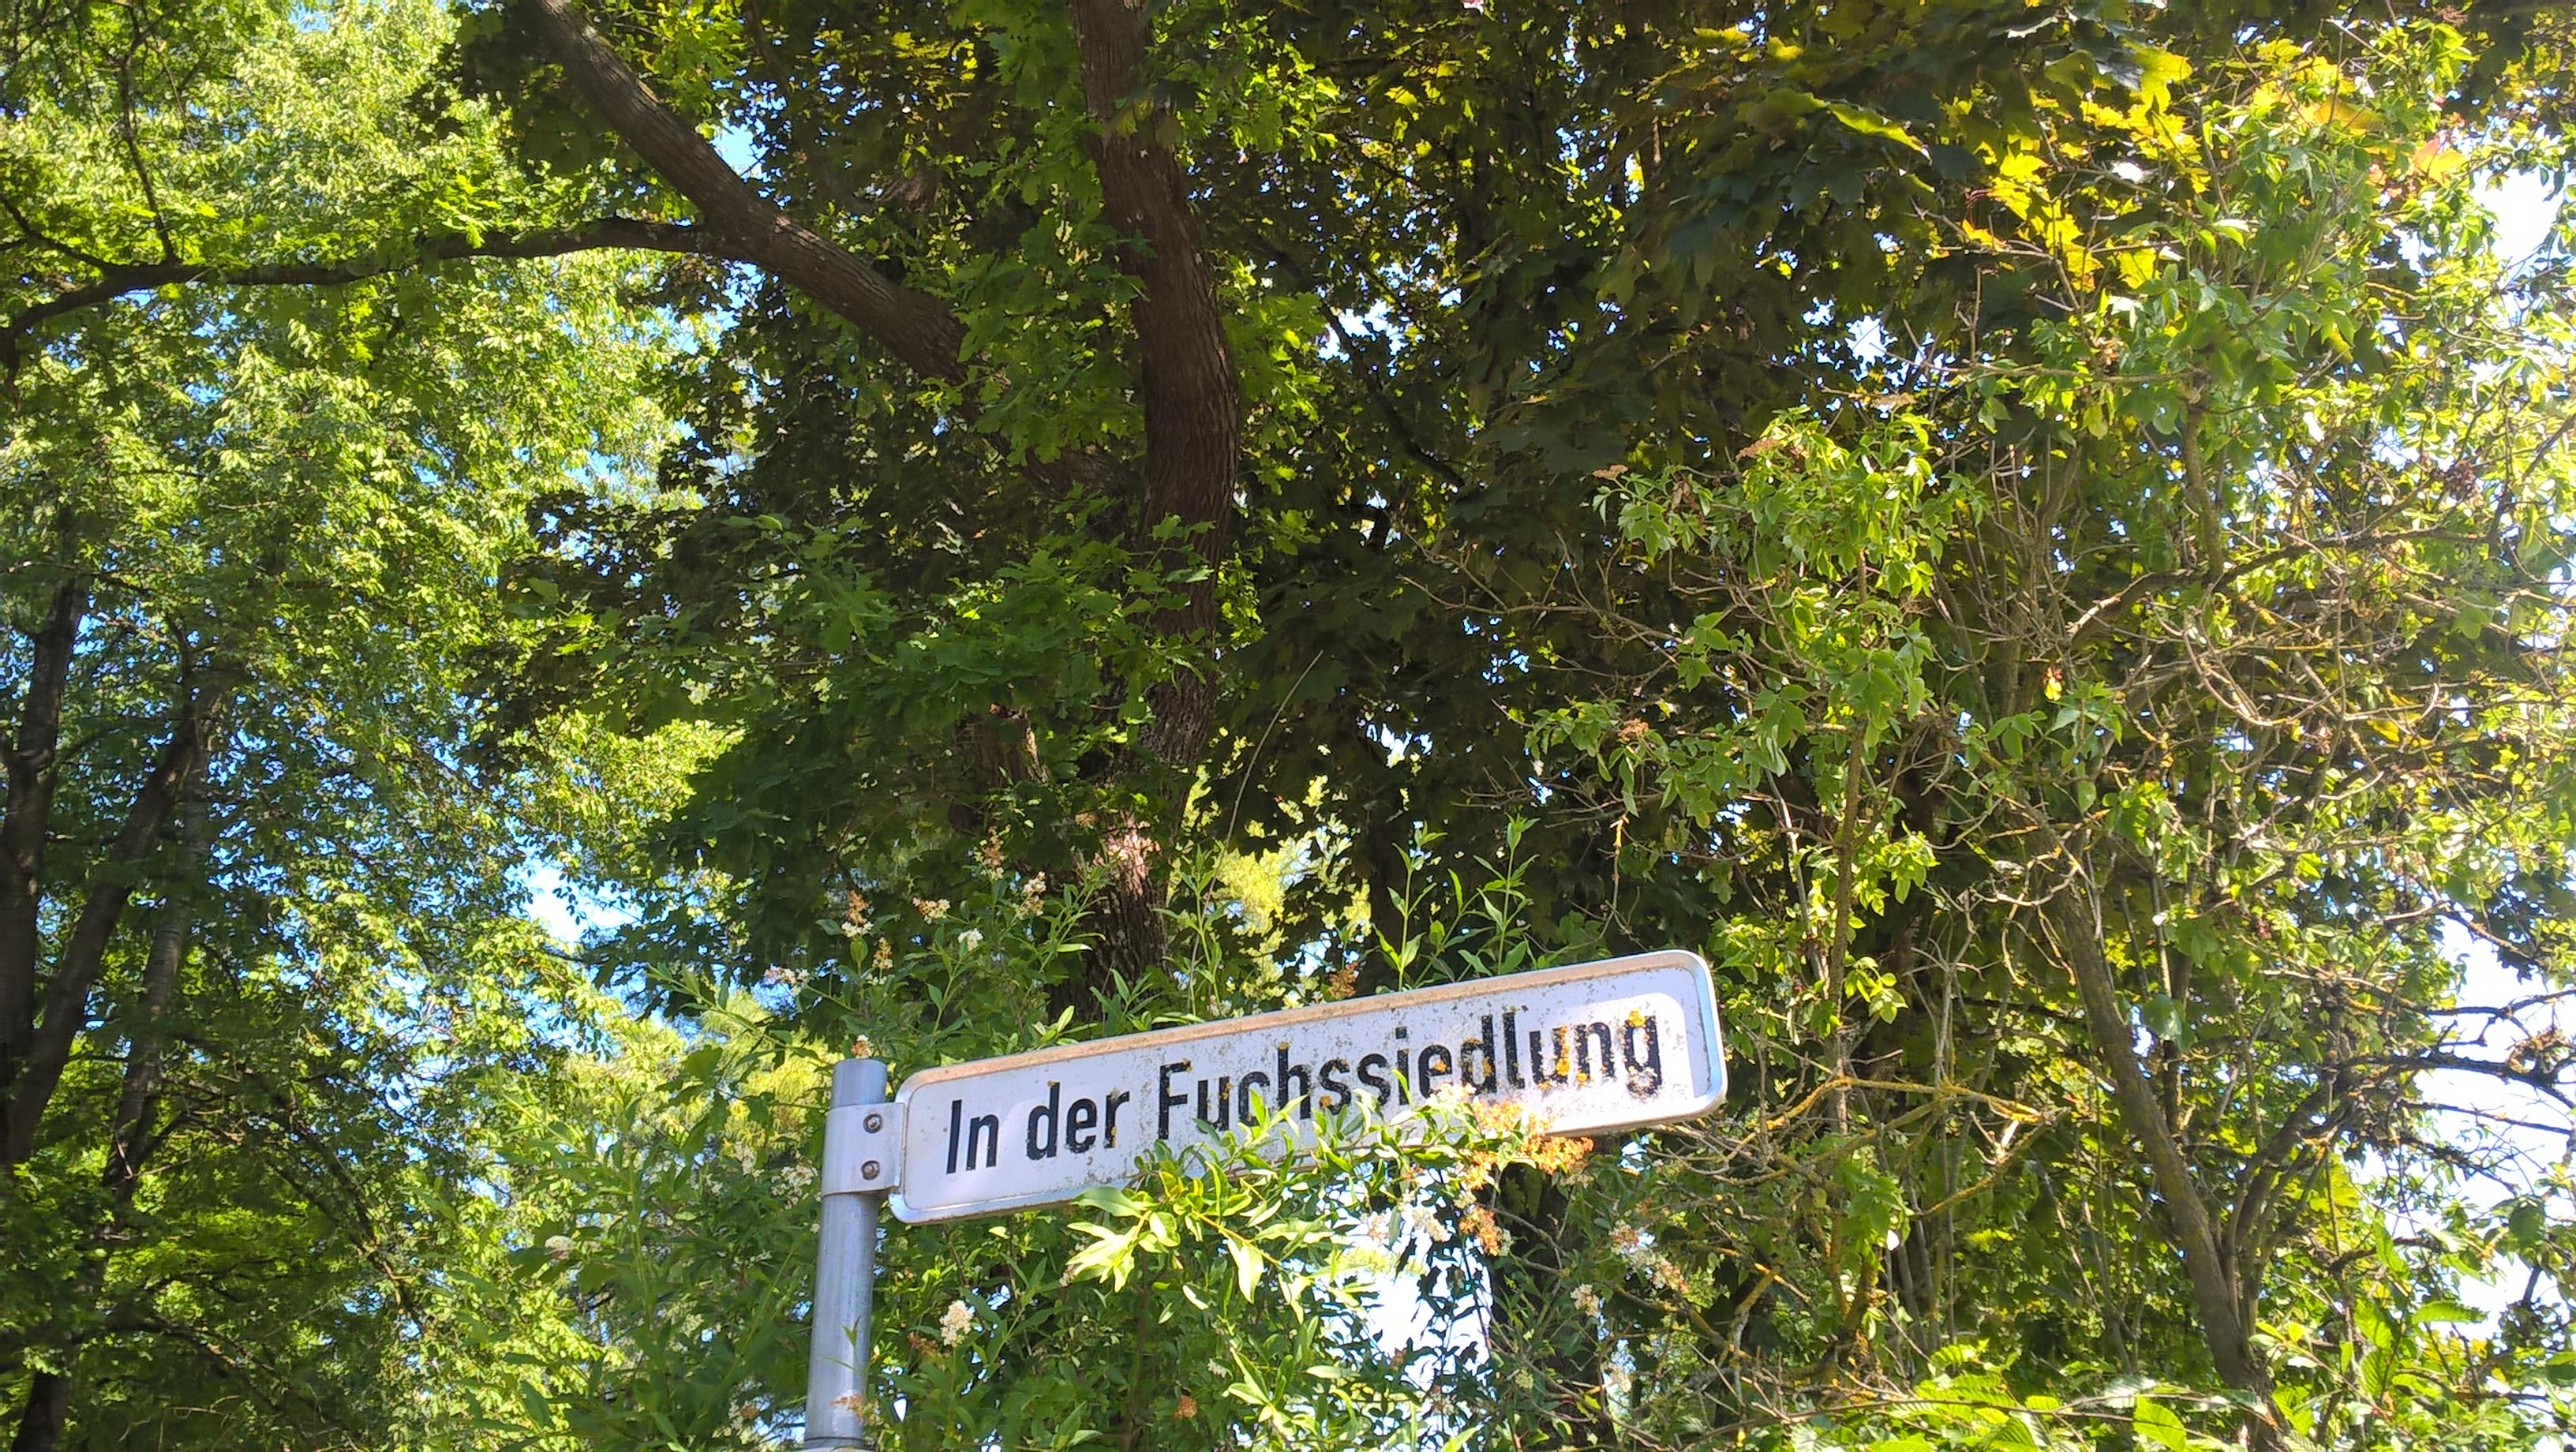 fuchssiedlung augsburg stadtteil inningen 86199 wertach. Black Bedroom Furniture Sets. Home Design Ideas